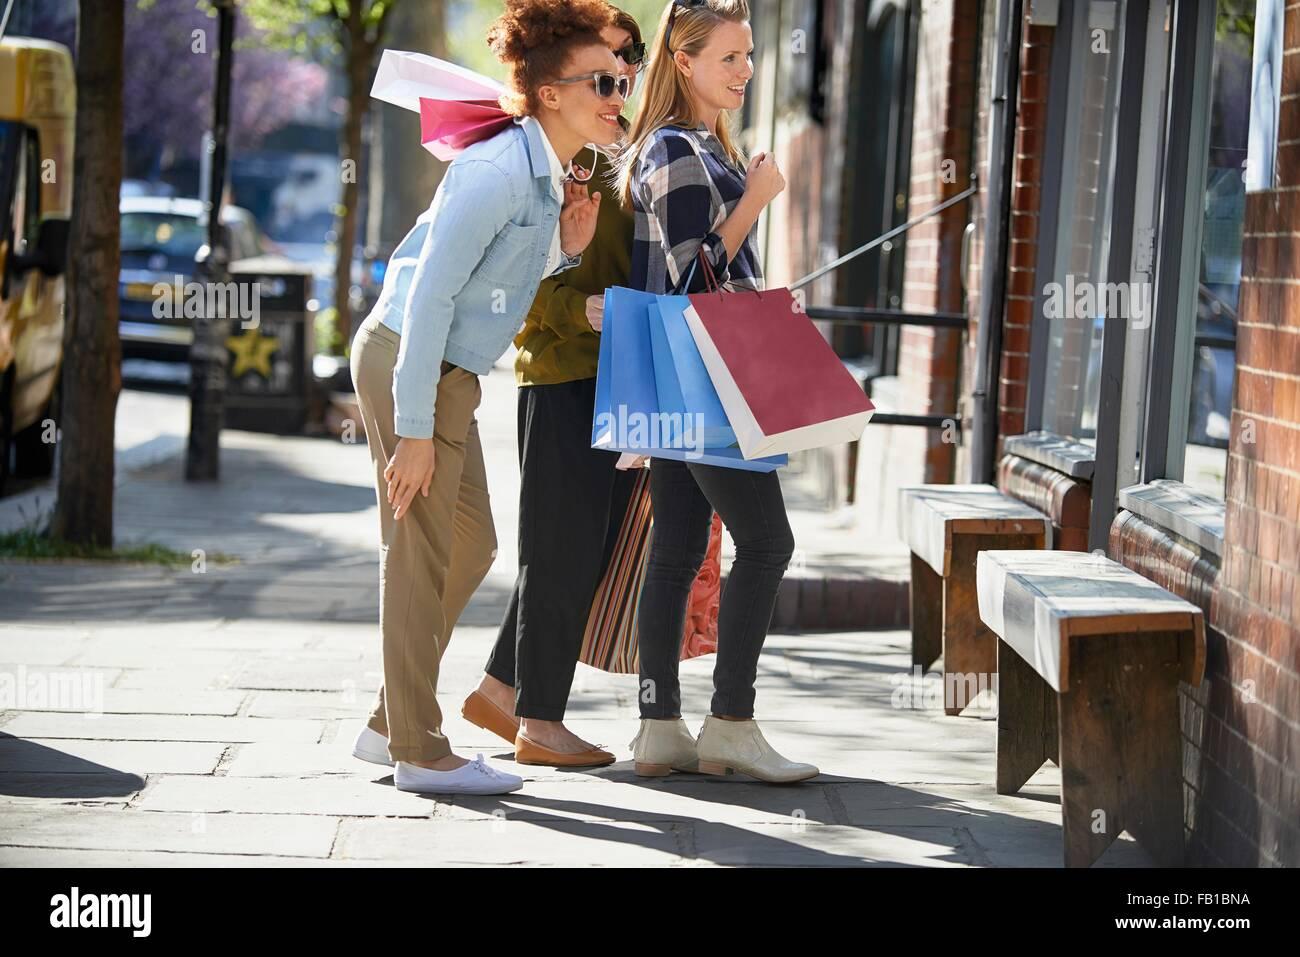 Vista lateral da exploração das mulheres sacos de compras na rua permanente olhando na janela de loja Imagens de Stock